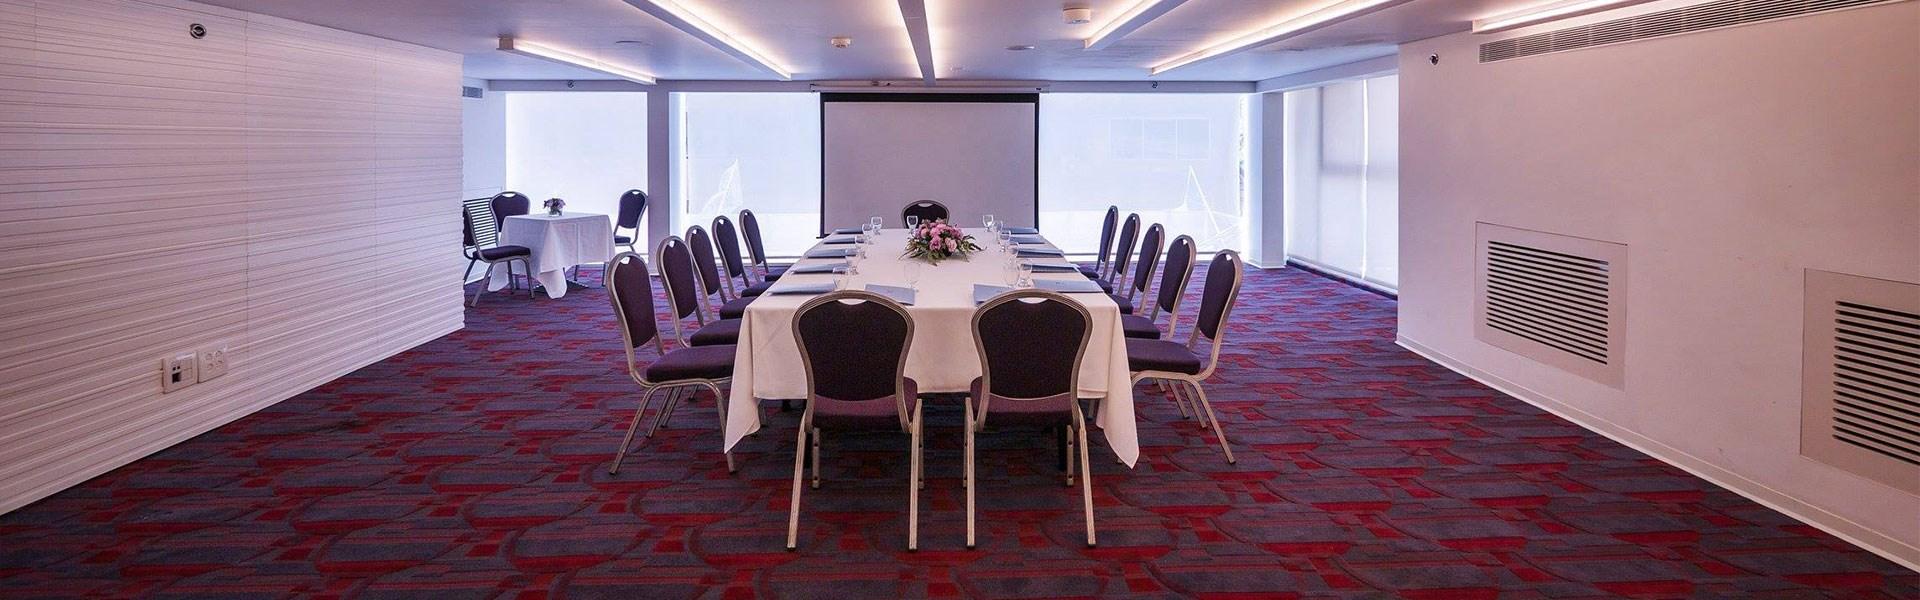 אירועים וכנסים בתל אביב | מלון מטרופוליטן